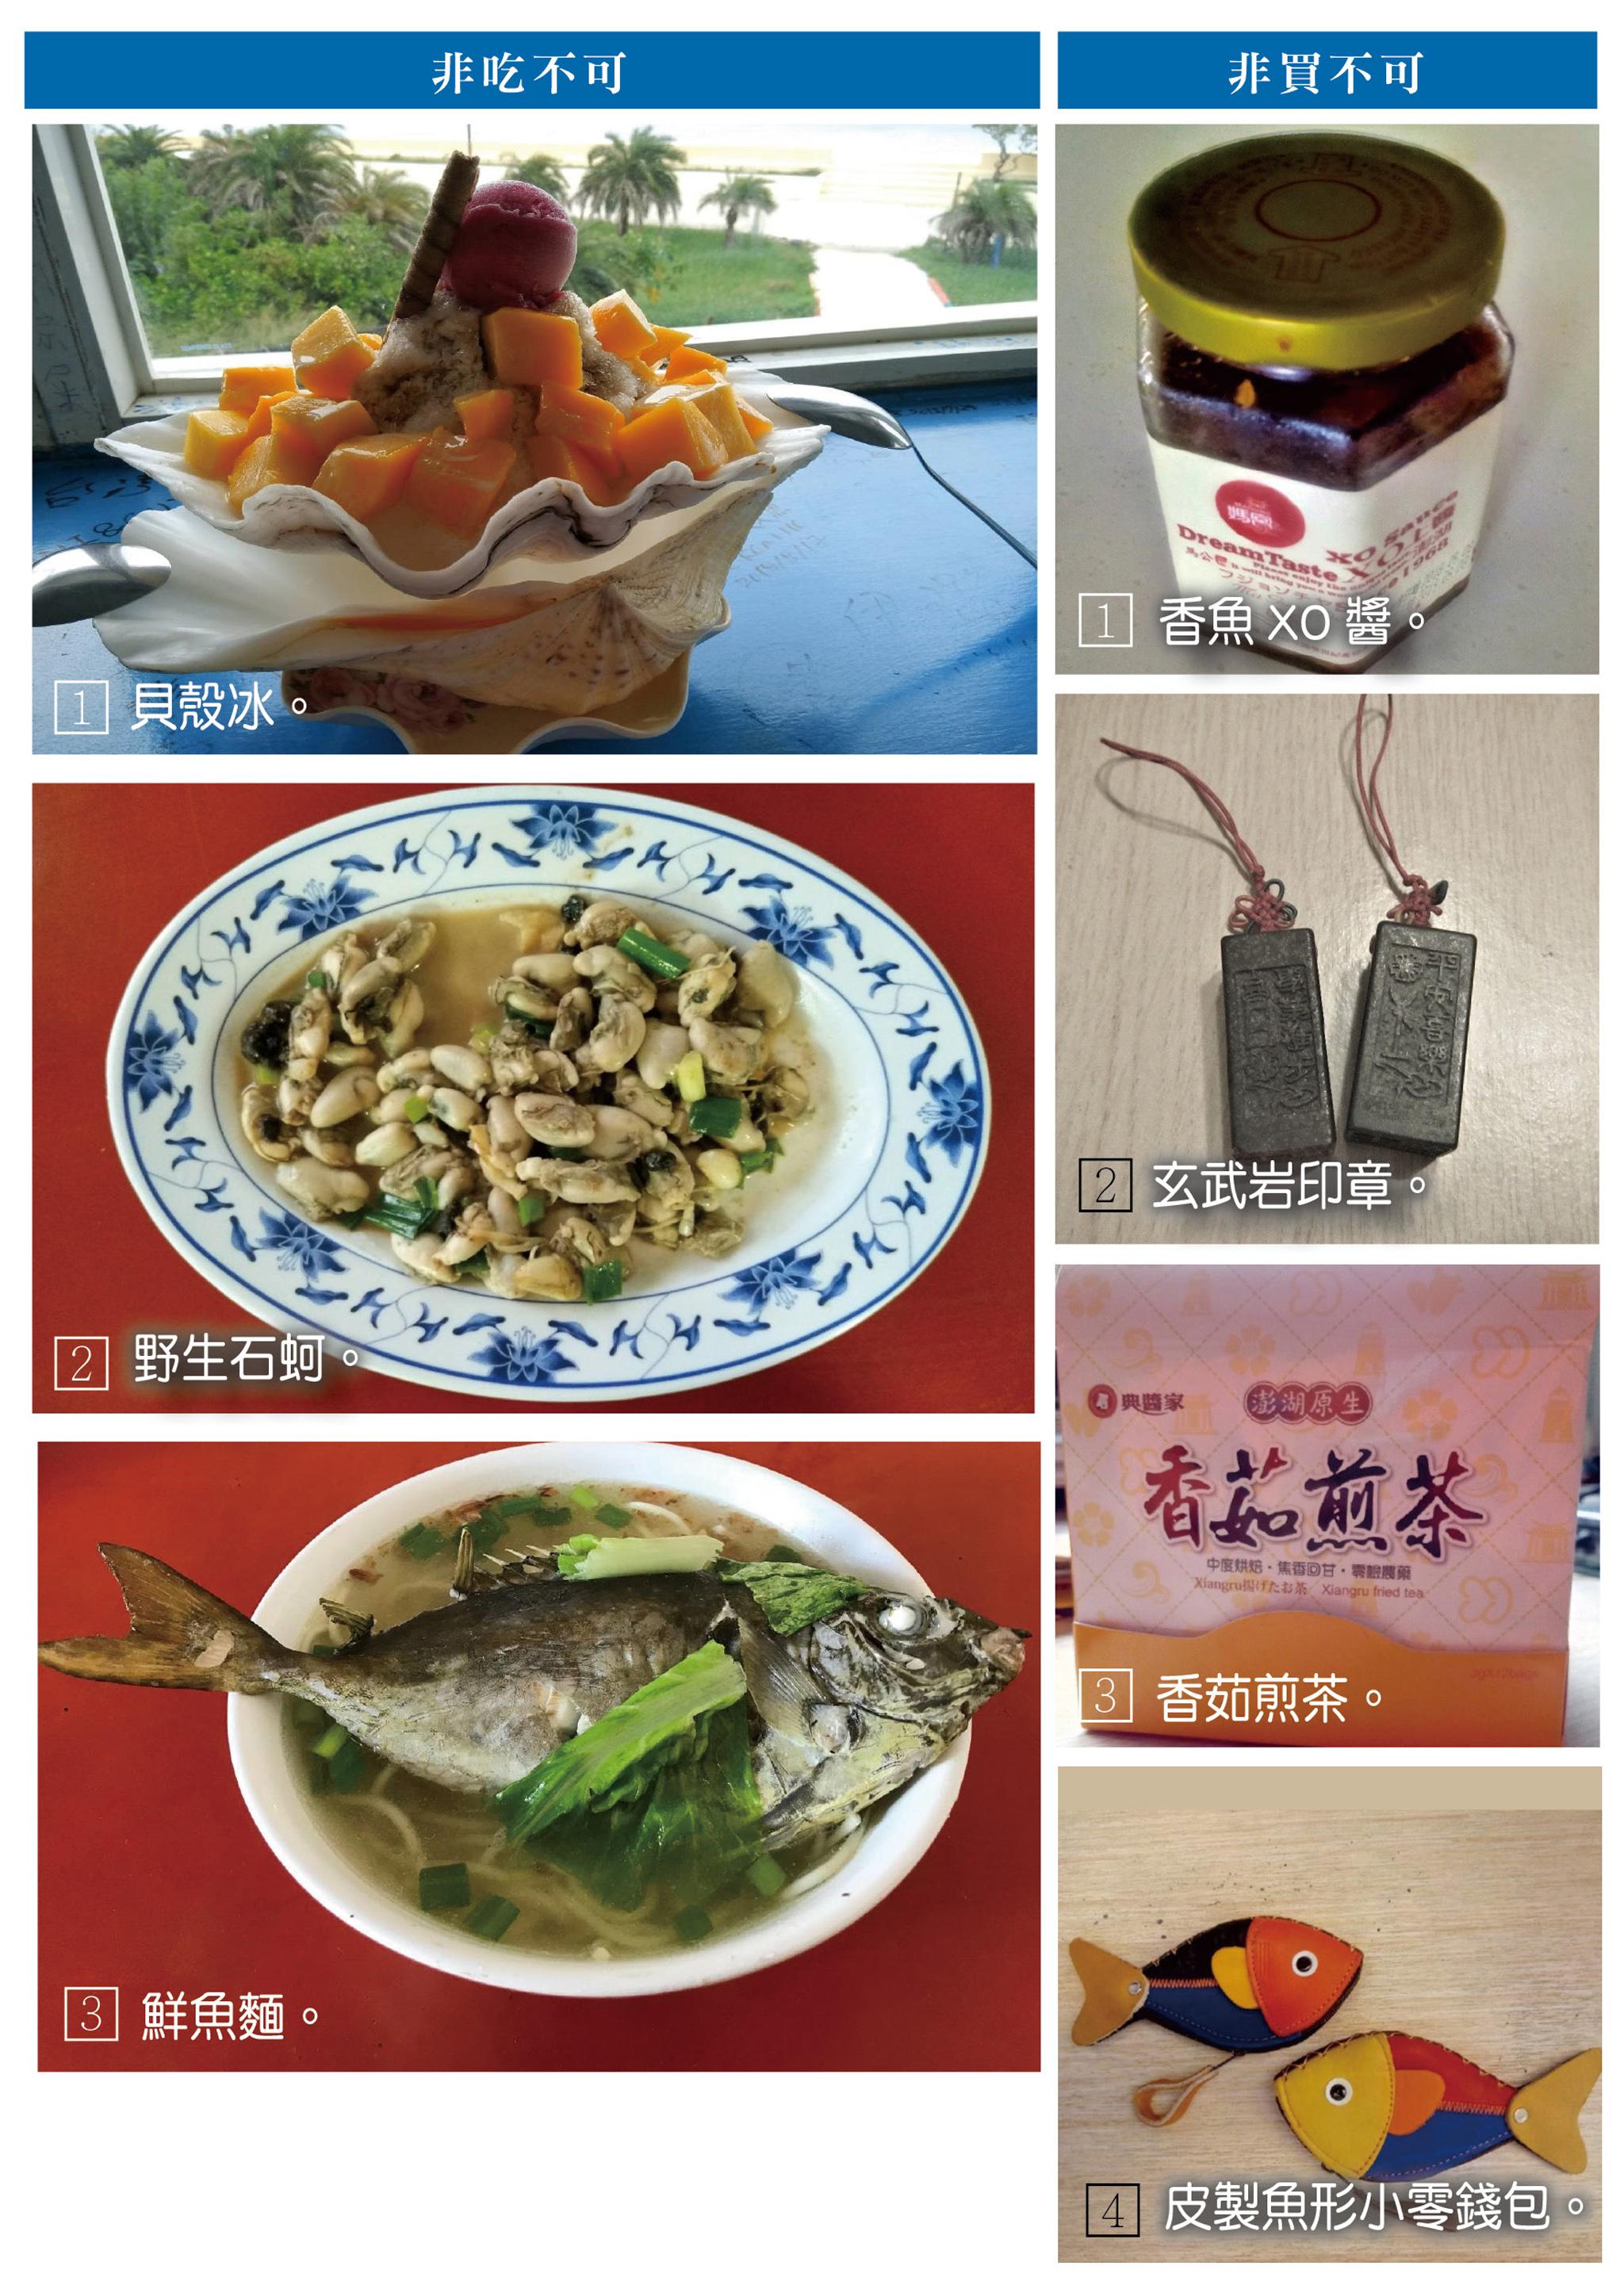 非吃不可:1.貝殼冰、2.野生石蚵、3.鮮魚麵;非買不可:1.香魚XO醬、2.玄武岩印章、3.香茹煎茶、4.皮製魚形小零錢包。